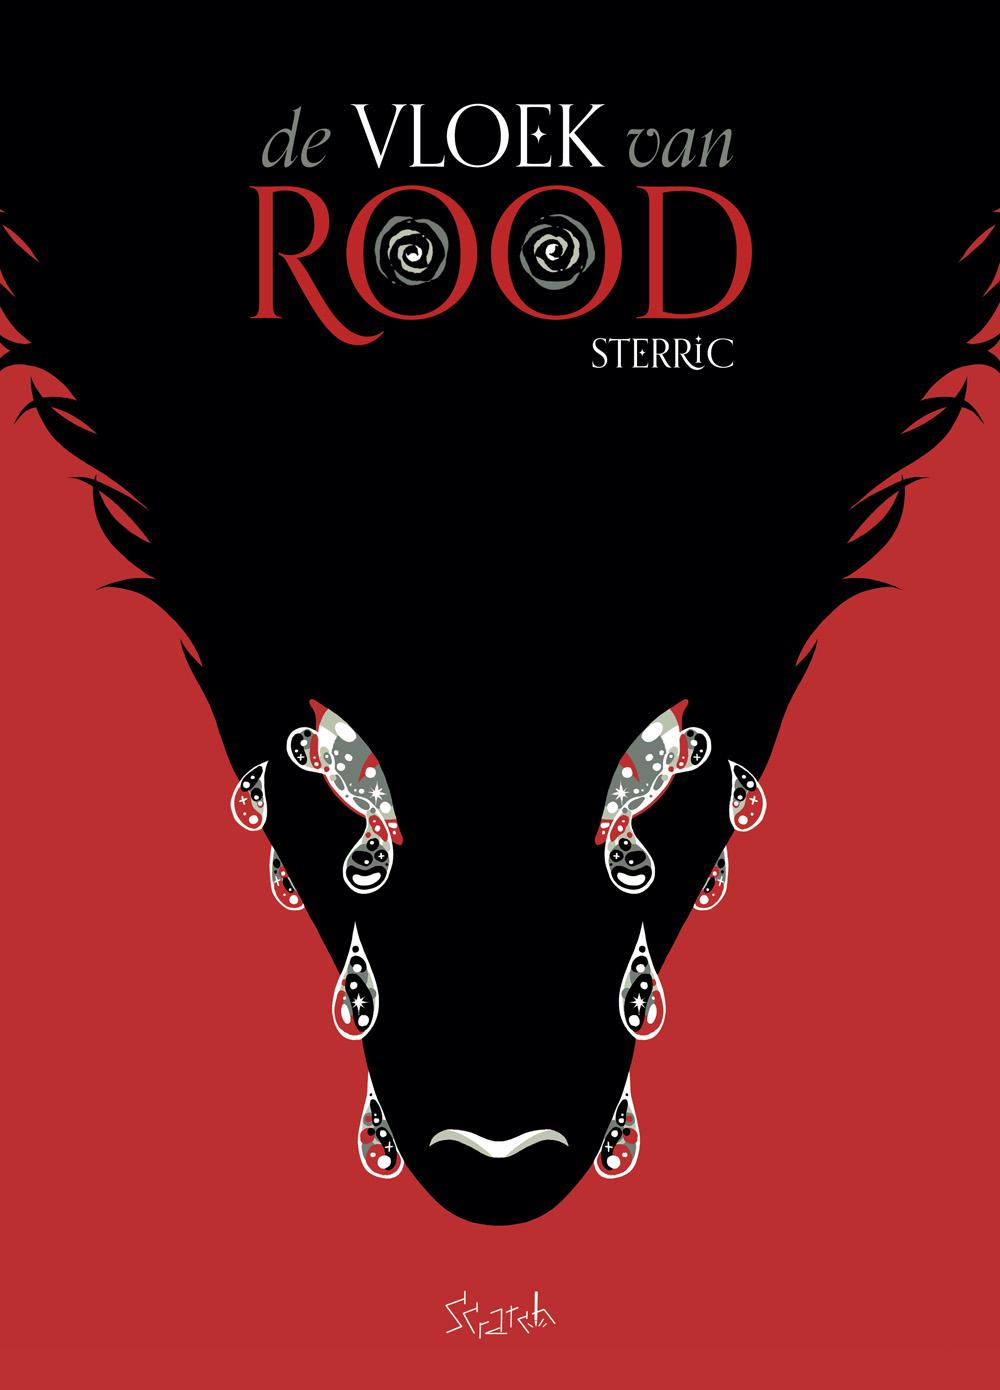 De vloek van Rood